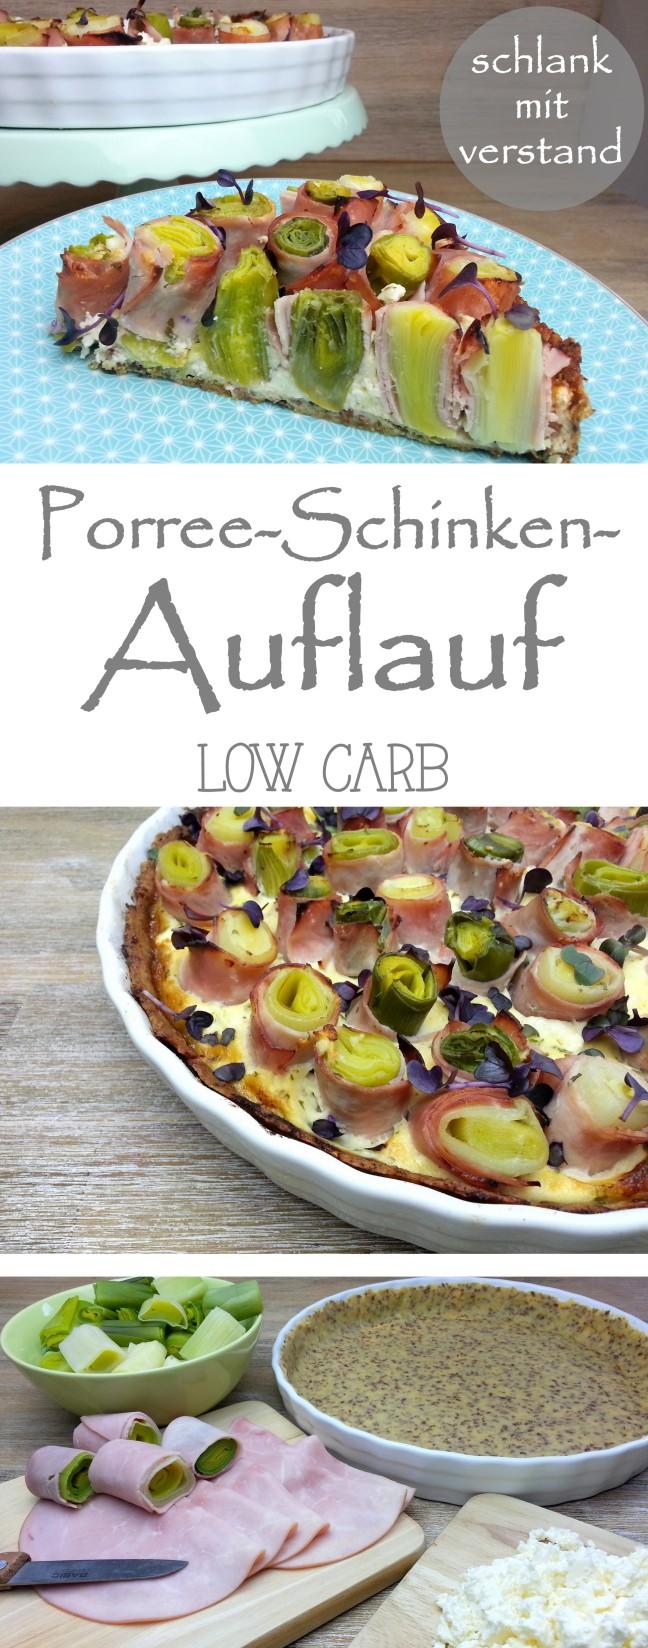 Porree-Schinken-Auflauf low carb Rezept